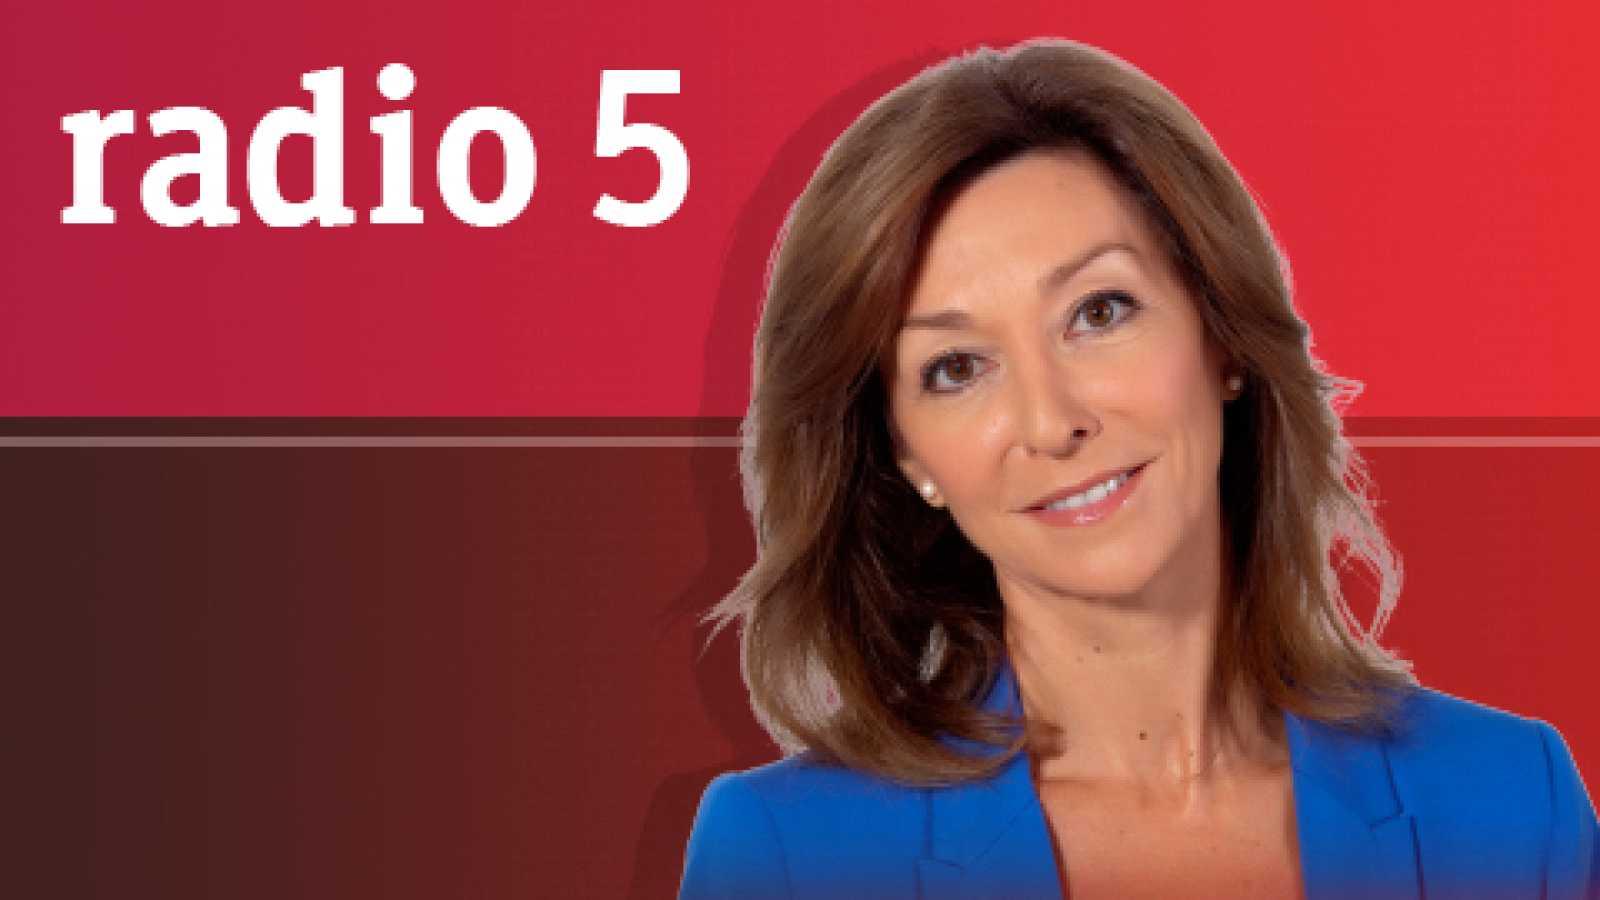 De película en Radio 5 - Animación, Drama, Comedia y Premios para Fernando Colomo y Beatriz de la Gándara - 15/01/21 - Escuchar ahora